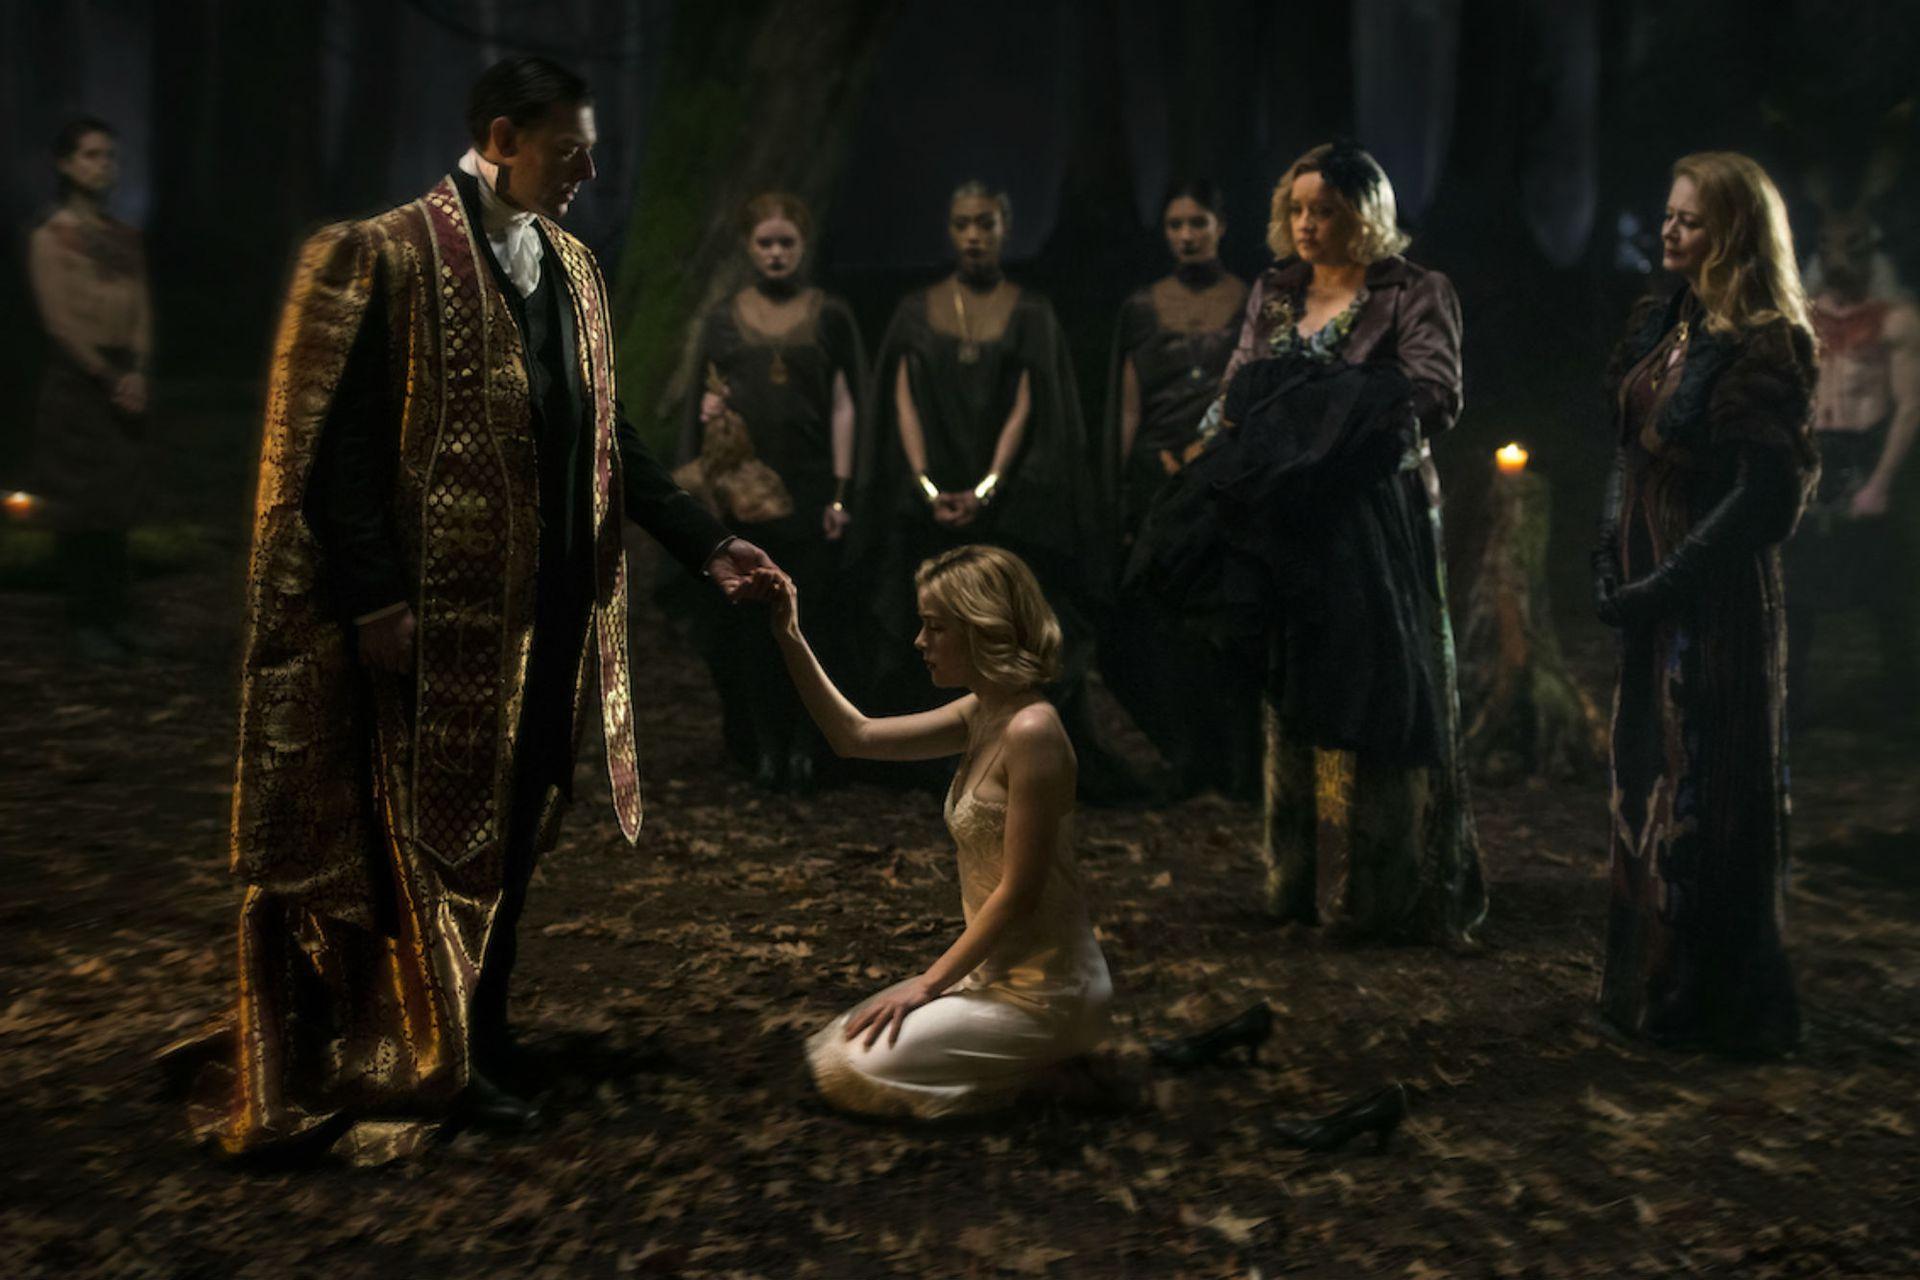 Según su creador, El mundo oculto de Sabrina tiene la impronta de films como El bebé de Rosemary, El exorcista, Carrie y Evil Dead